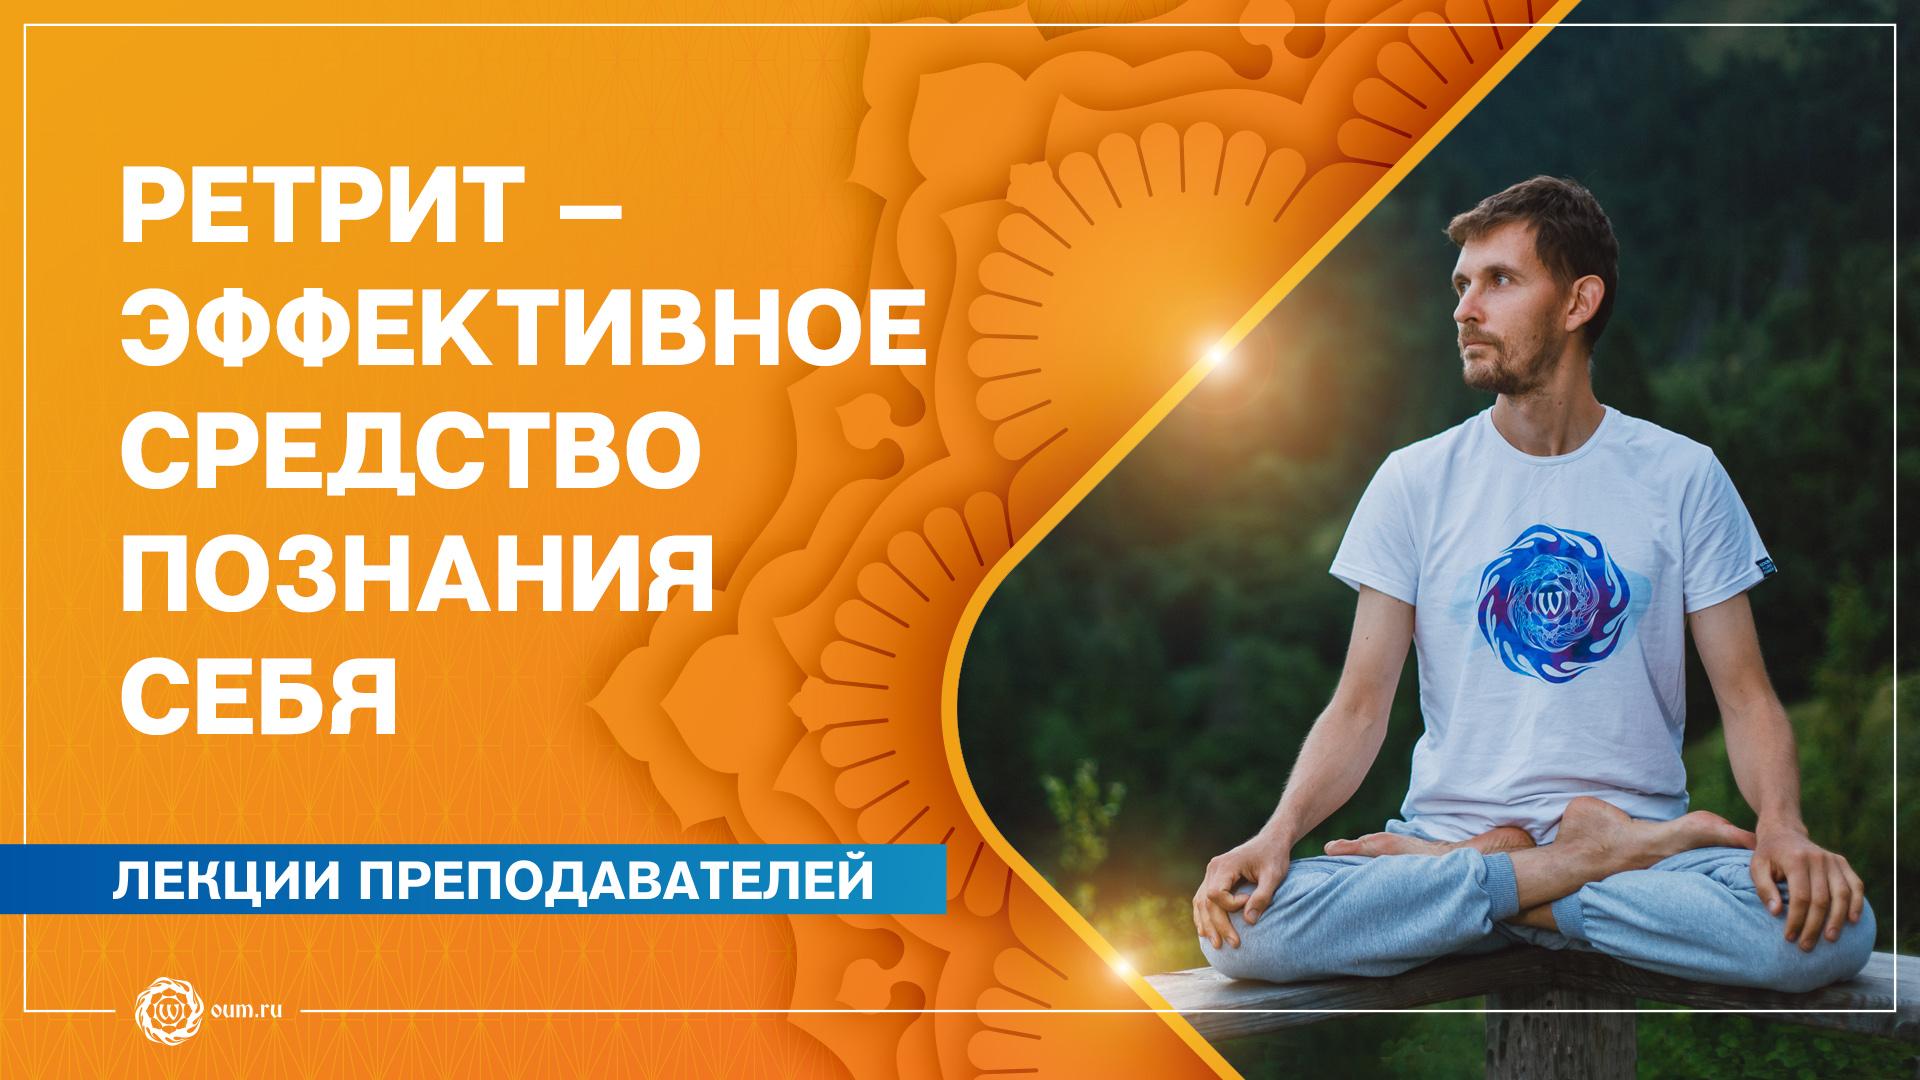 Ретрит - эффективное средство познания себя. Олег Васильев